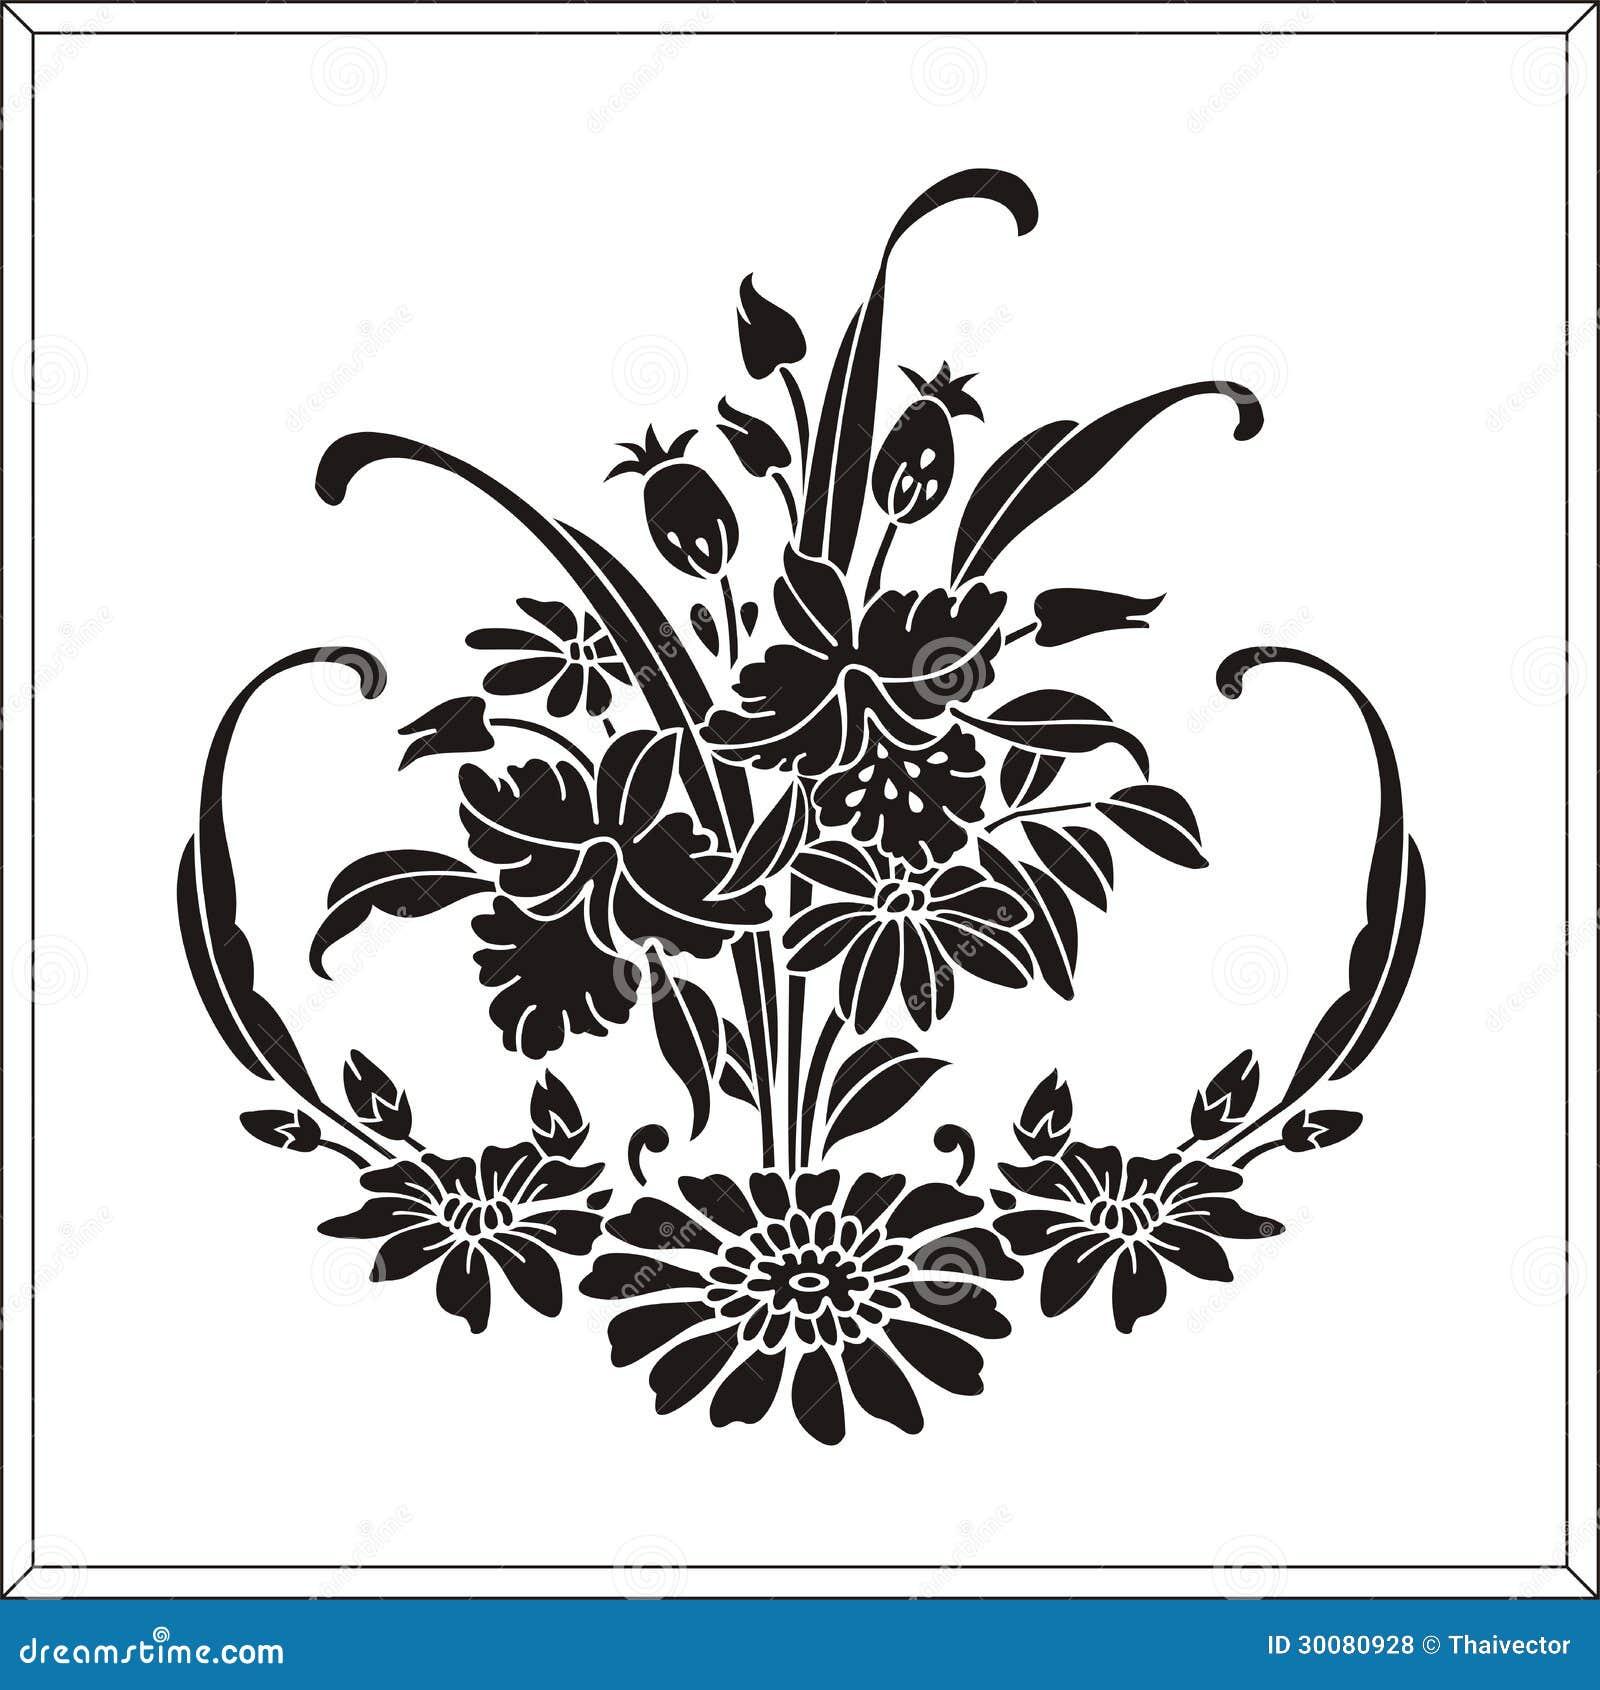 Fabulous Modèle Gravure à L'eau-forte Photos stock - Image: 30199523 CW53